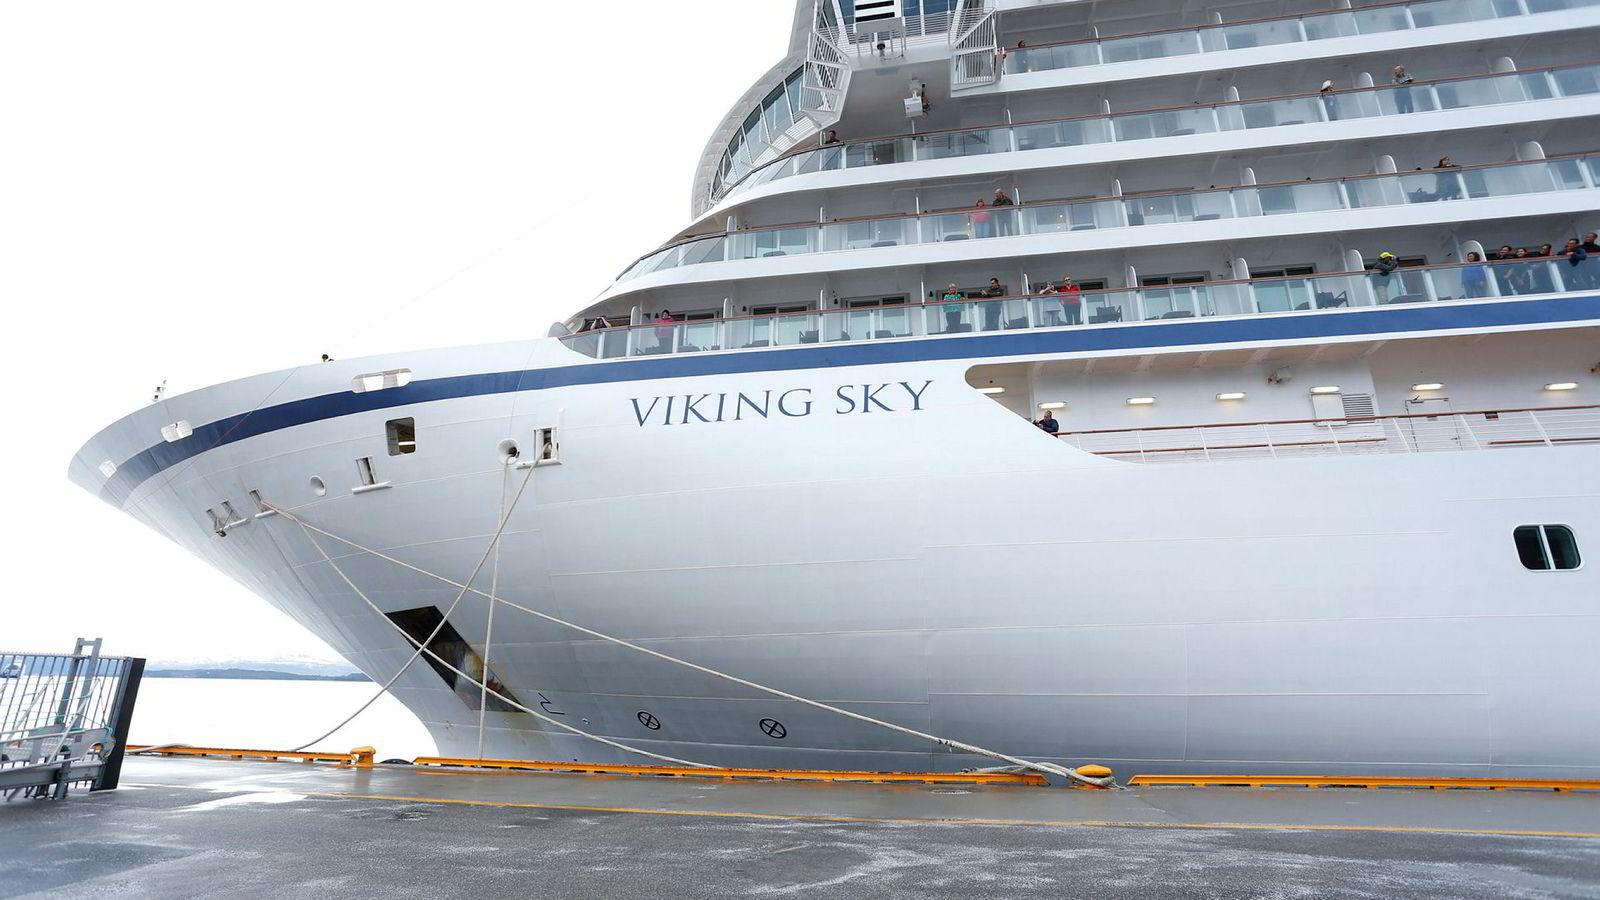 Cruiseskipet Viking Sky ankom søndag Molde etter problemene som oppsto over Hustadvika i Møre og Romsdal lørdag.